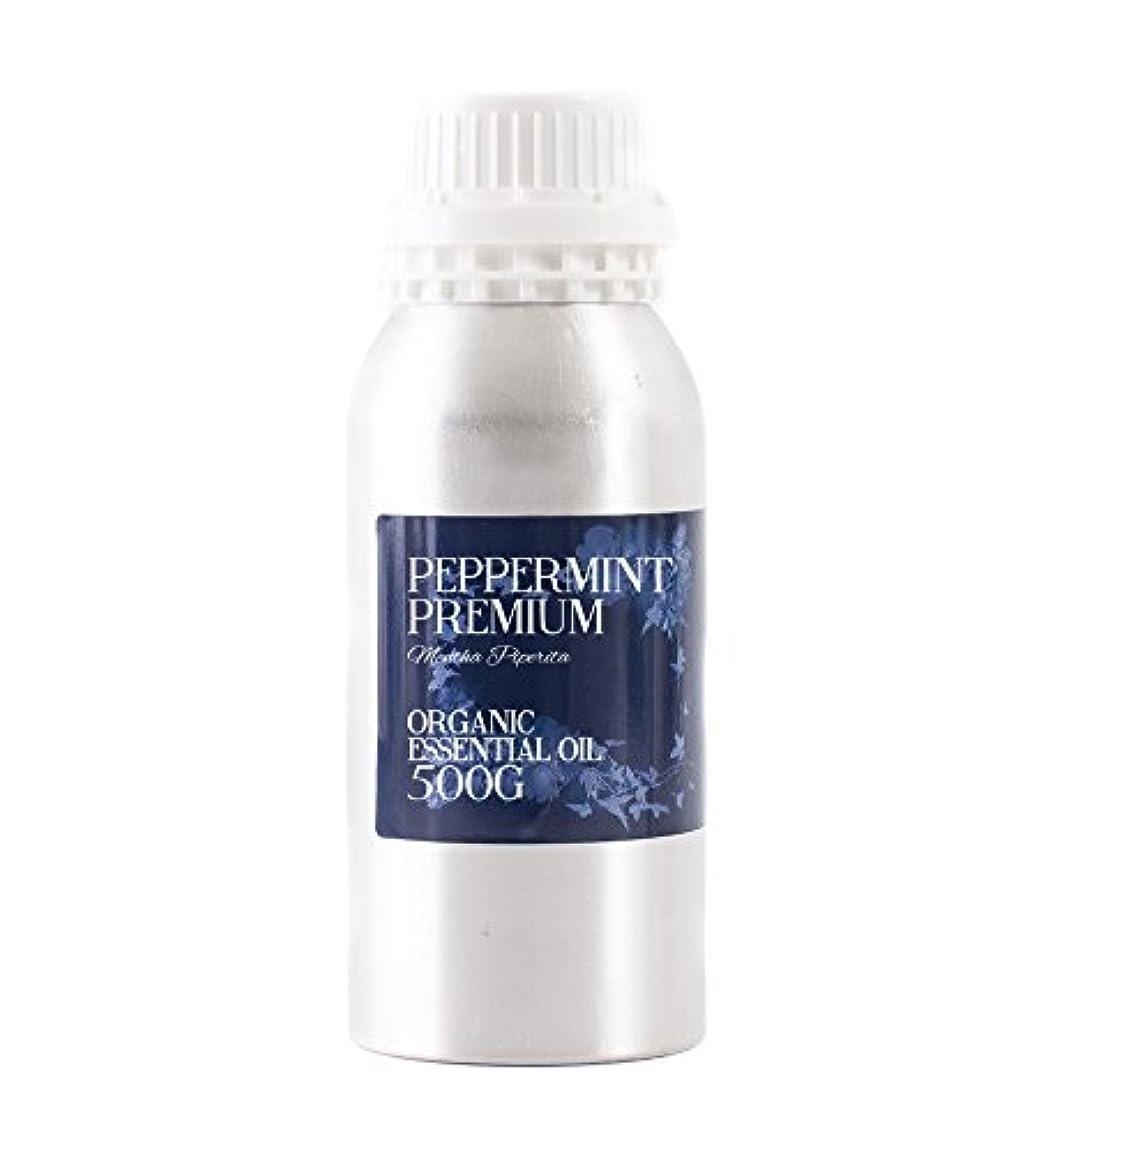 ドライババーマド調べるMystic Moments | Peppermint Premium Organic Essential Oil - 500g - 100% Pure